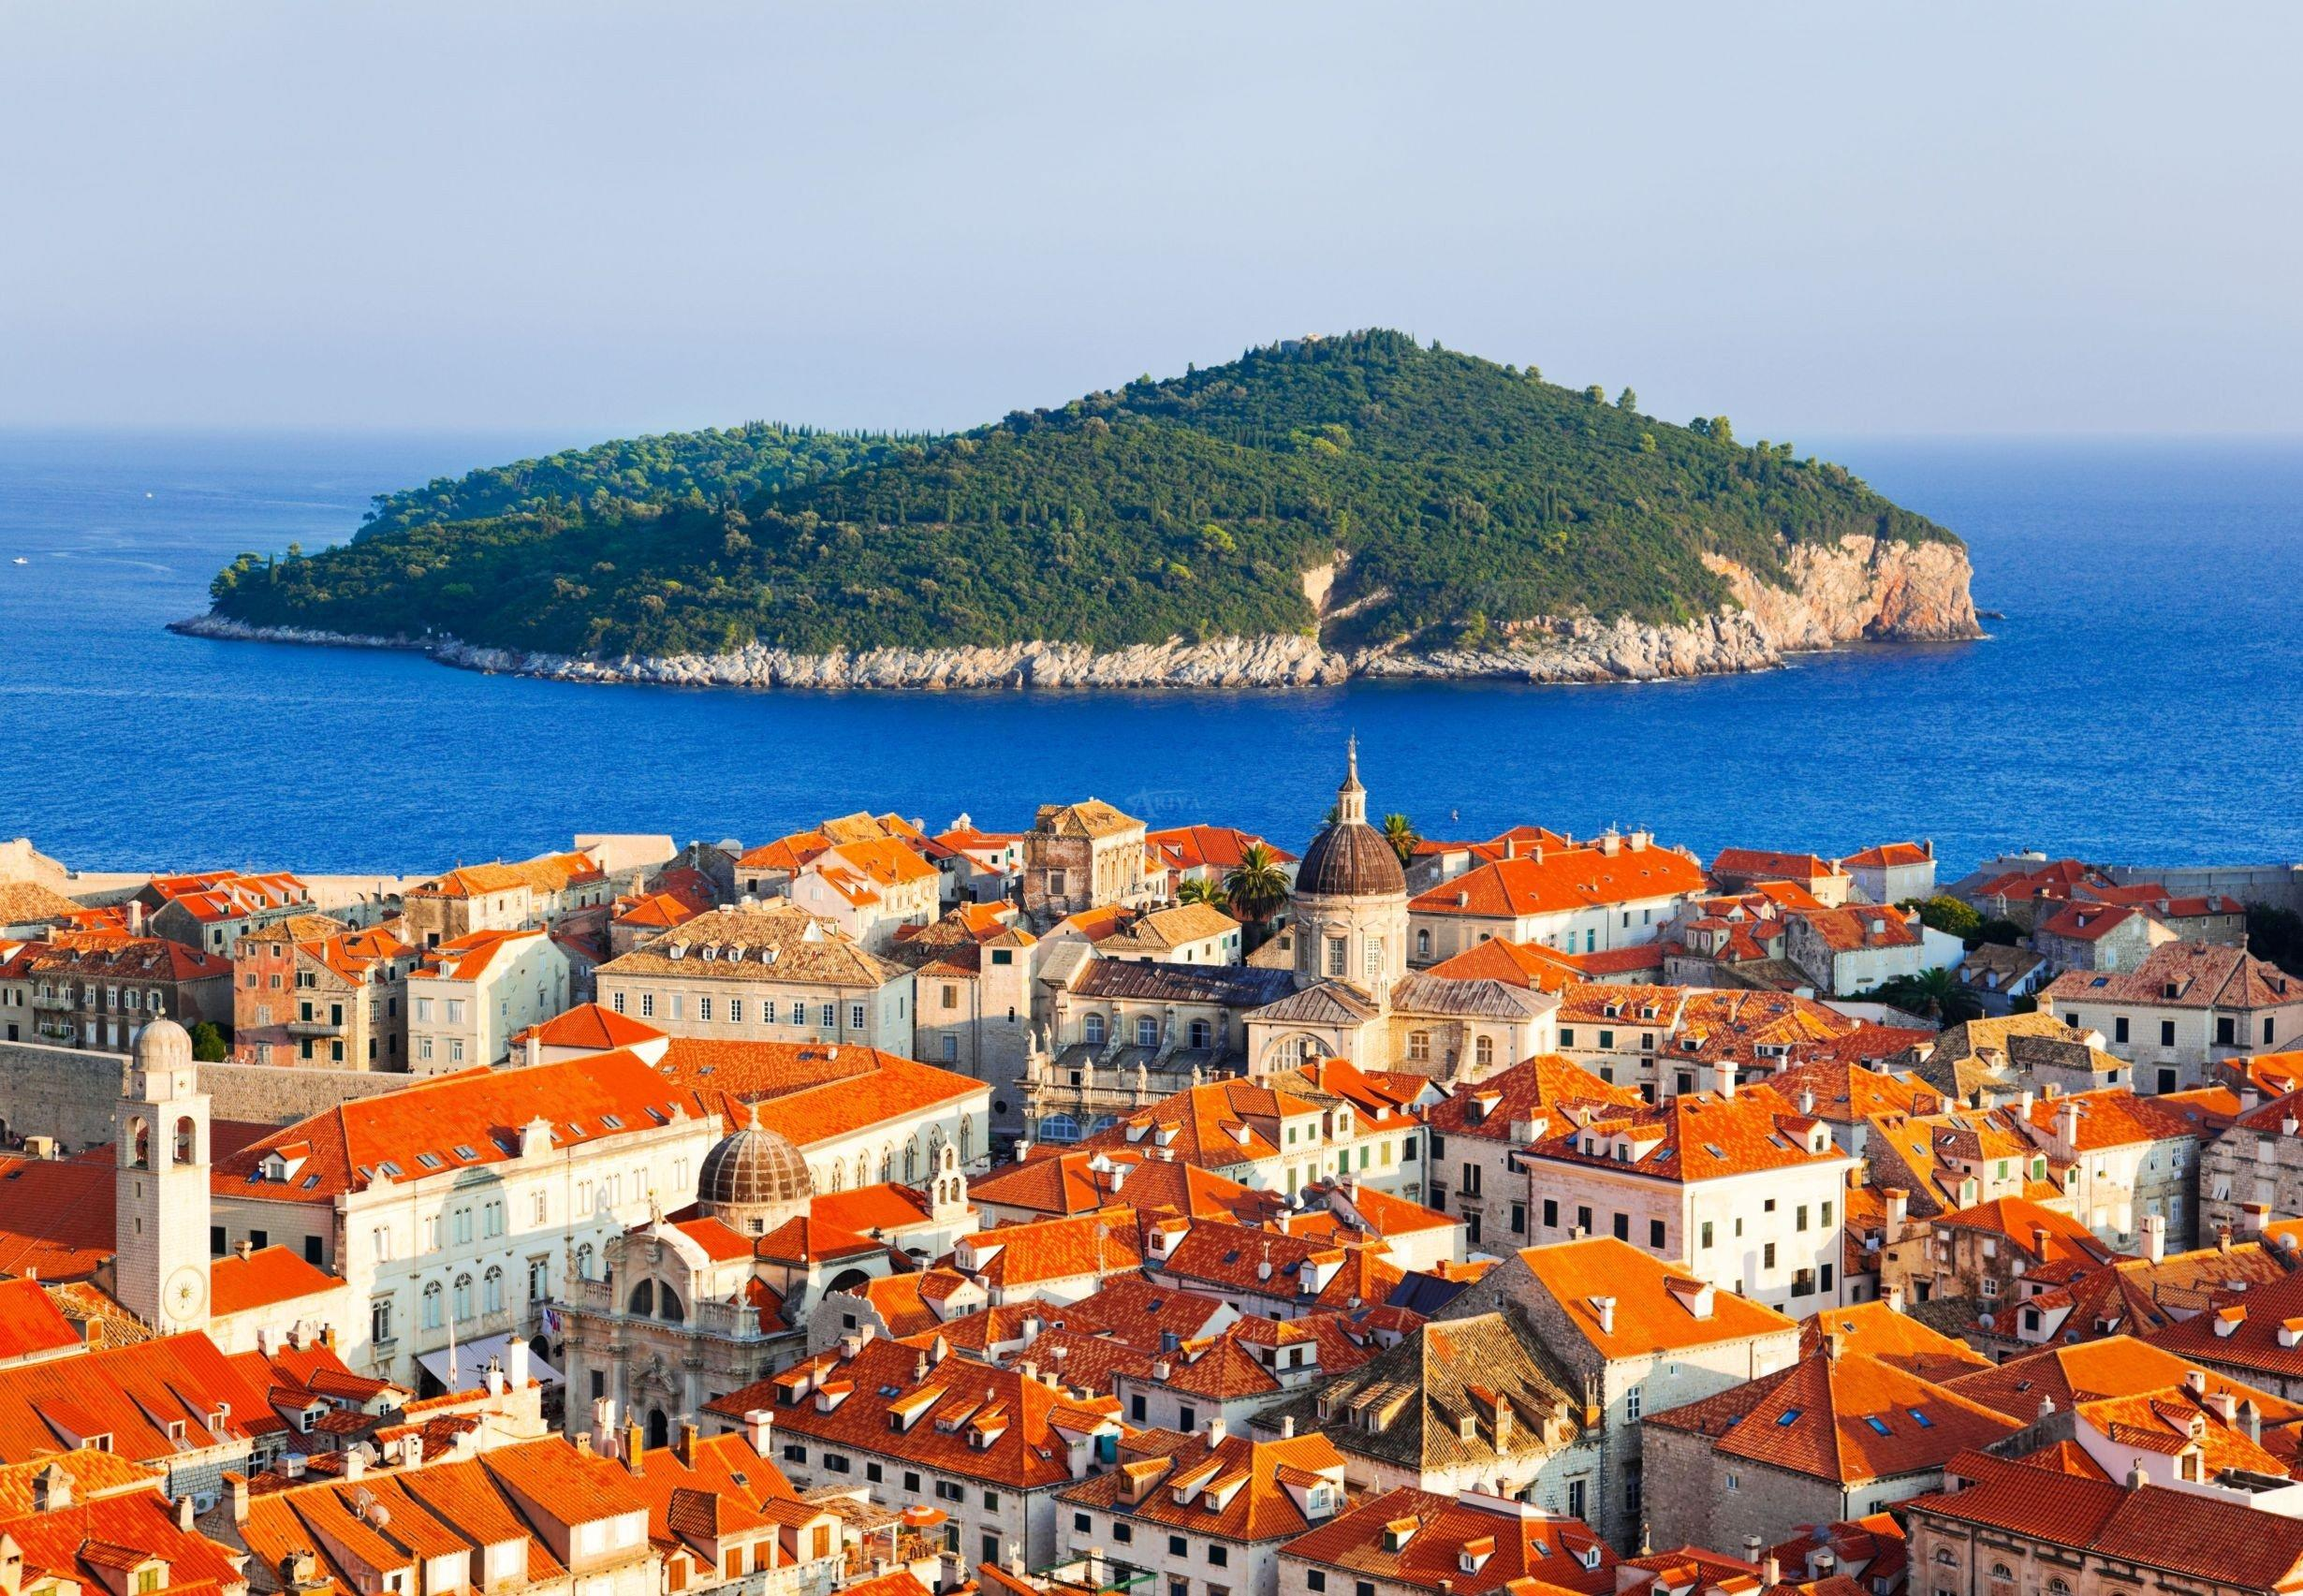 Dubrovnik Lokrum Islet